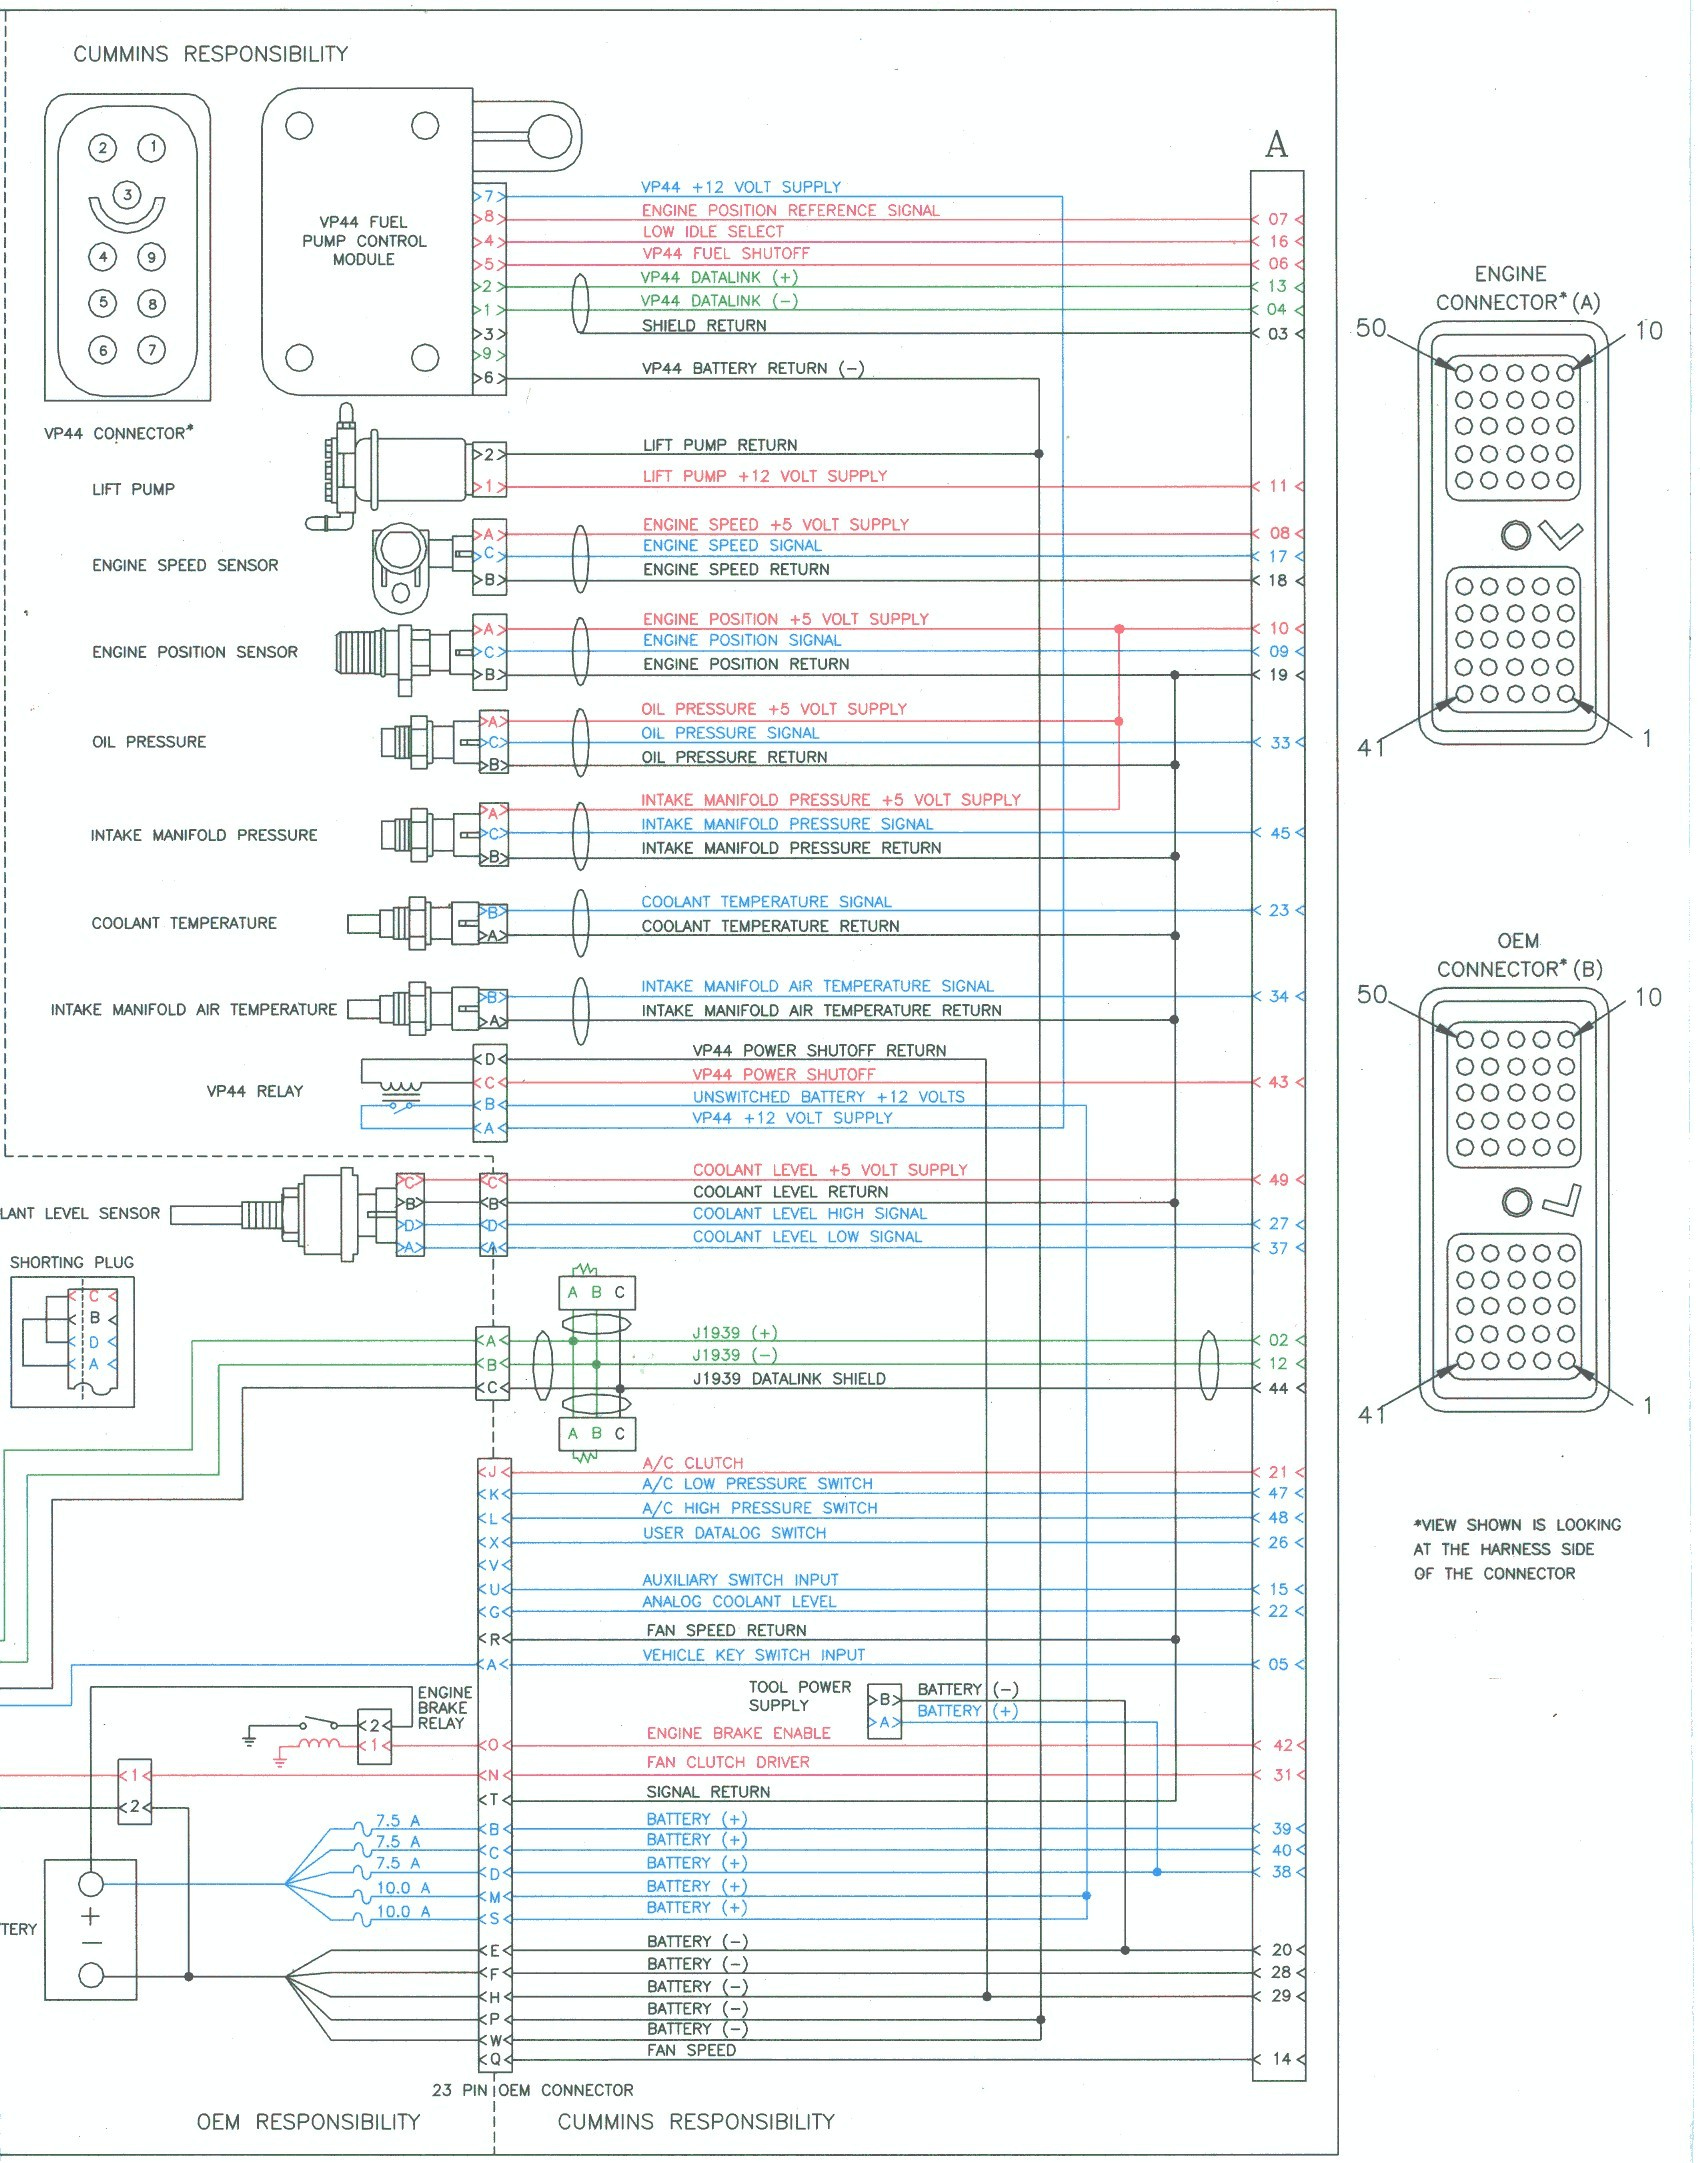 5 9 Cummins Engine Diagram 2 2005 Dodge Cummins Ecm Wiring Diagram Sample  Of 5 9